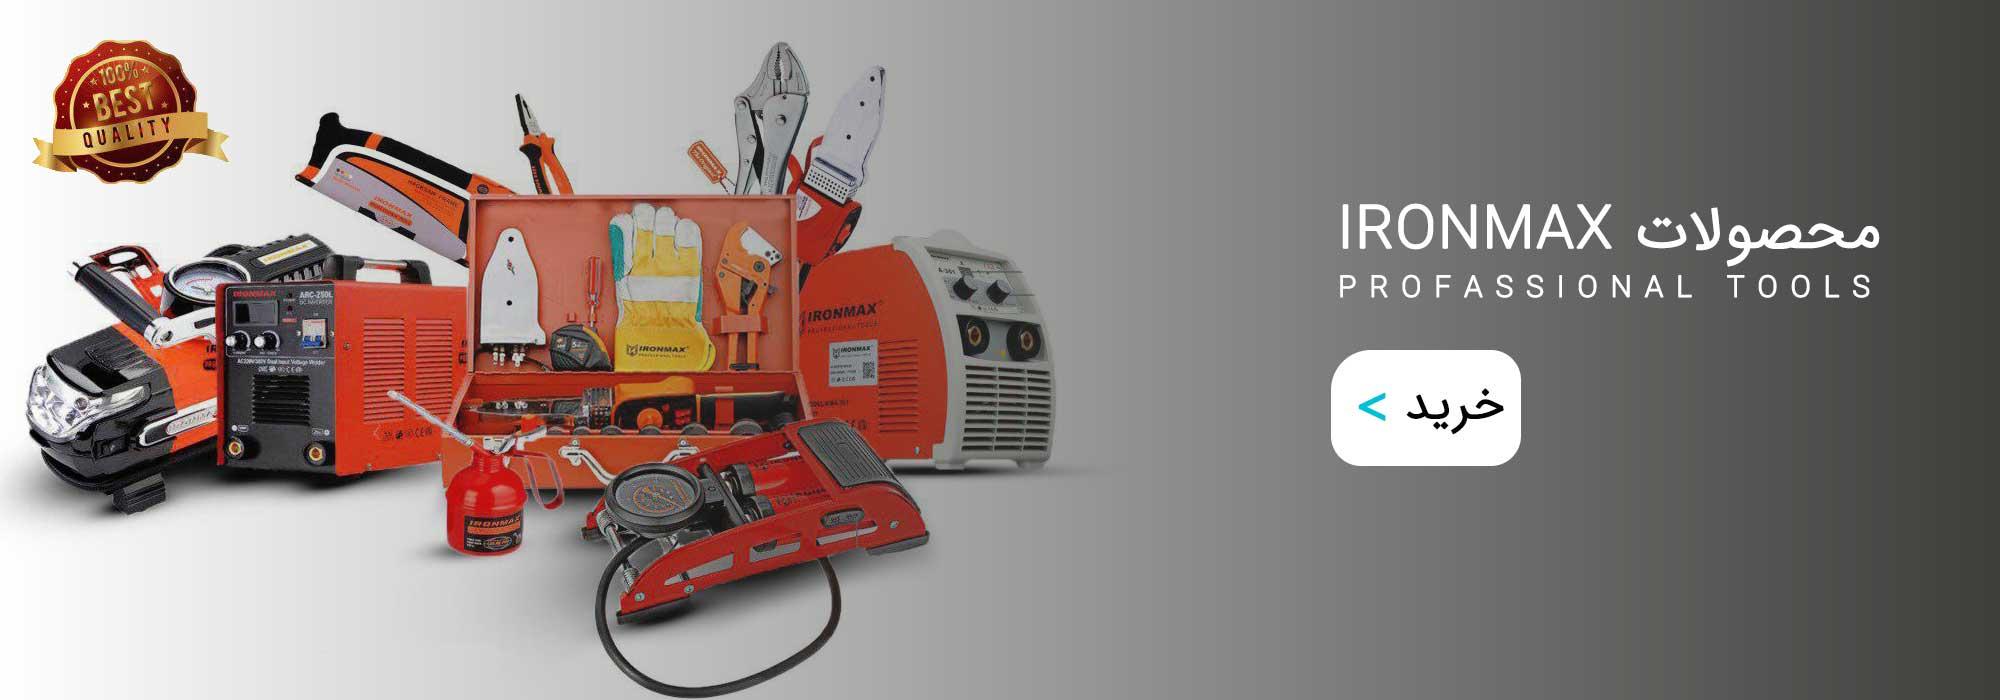 ابزار صنعتی ابزارآلات ابزار ساختمانی ابزار آیرون مکس ironmax ابزارآلات